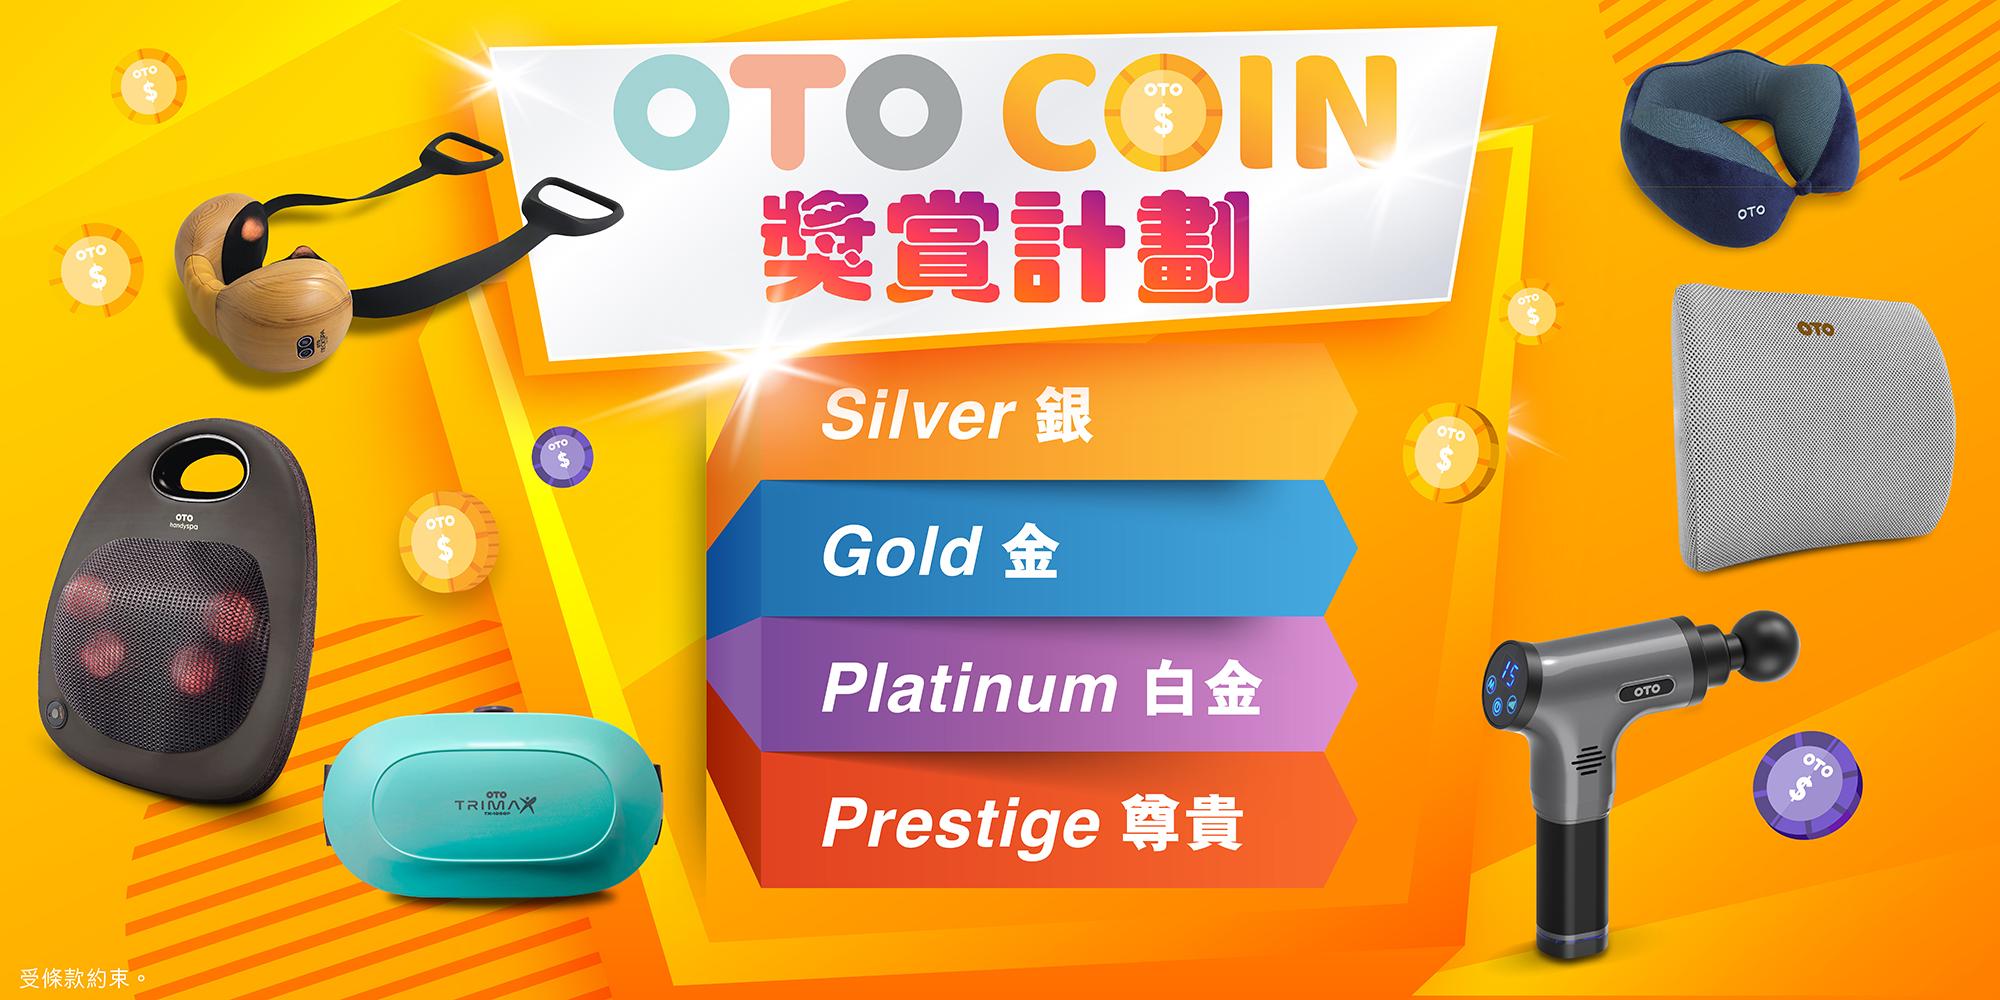 【新一期OTO Club會員及OTO Coin獎賞計劃】